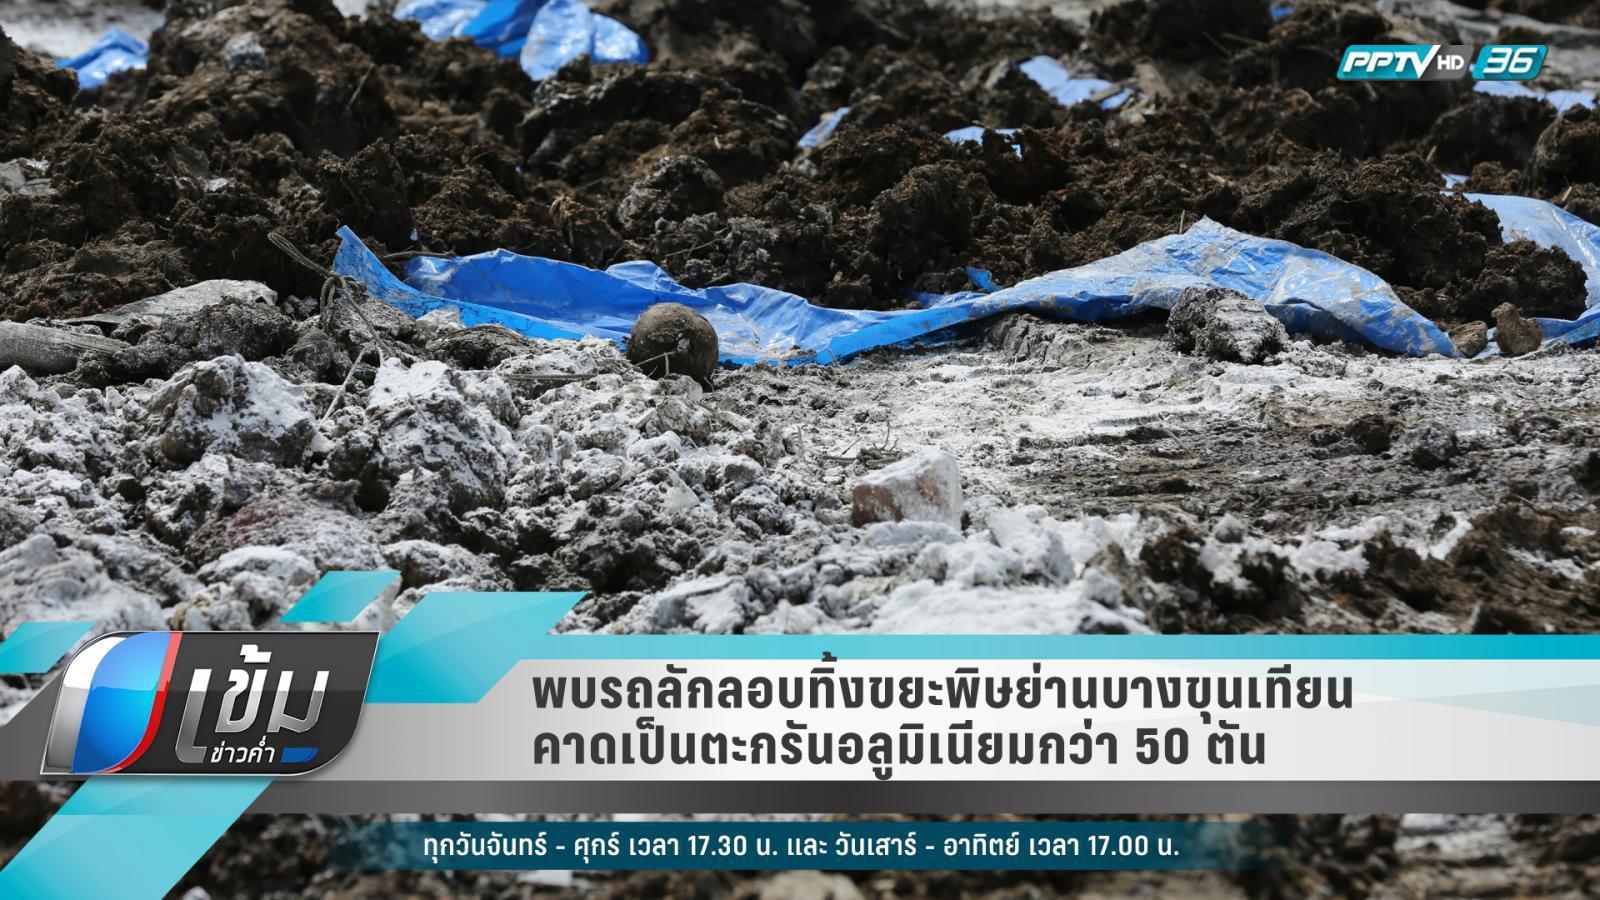 พบรถลักลอบทิ้งขยะพิษย่านบางขุนเทียน คาดเป็นตะกรันอลูมิเนียมกว่า 50 ตัน